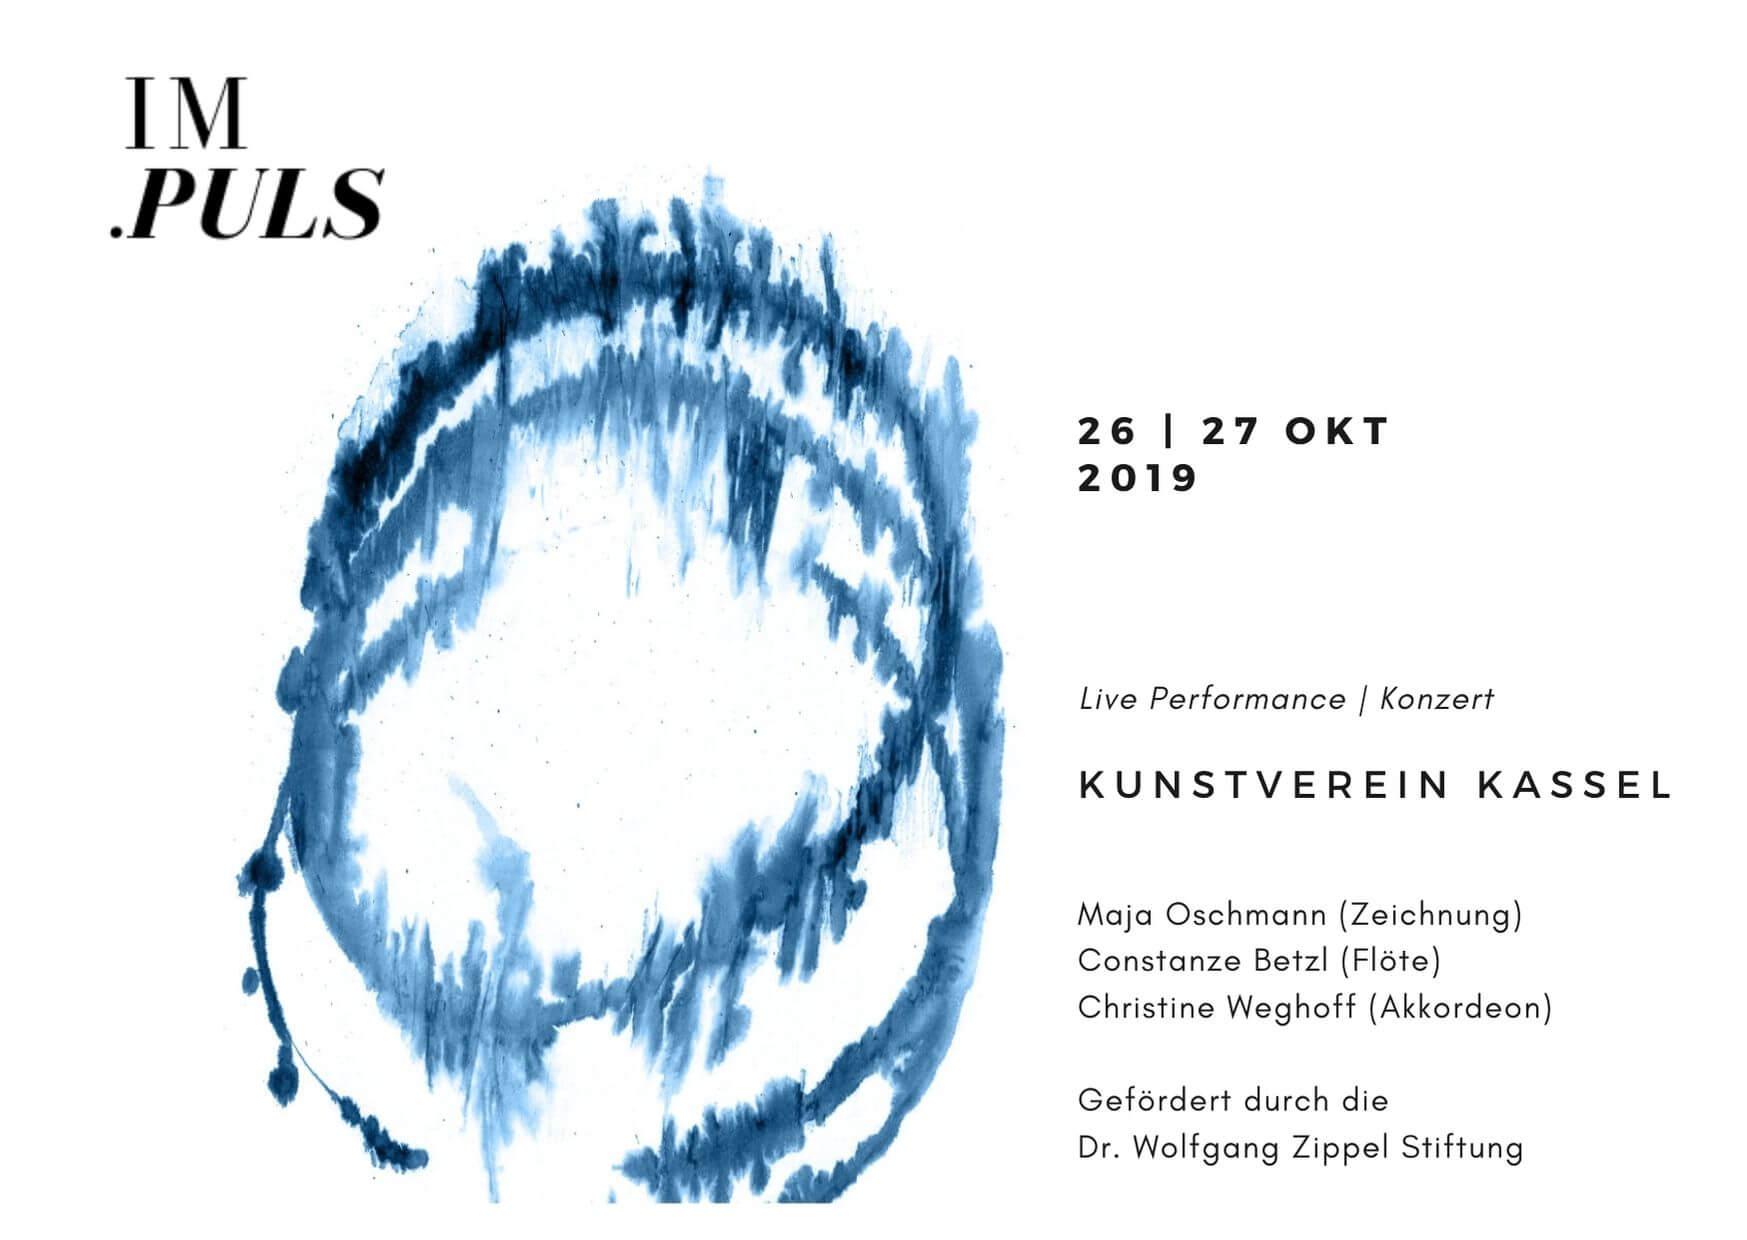 Im.Puls - Live Performance - Konzert - Kasseler Kunstverein - Transfer Zeichnung Musik - Flyer - copyright Maja Oschmann